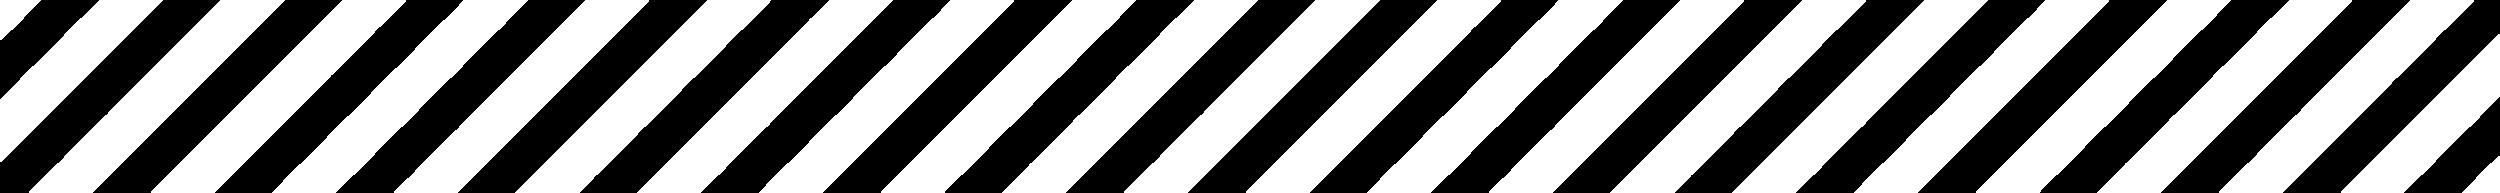 diagonal lines.png